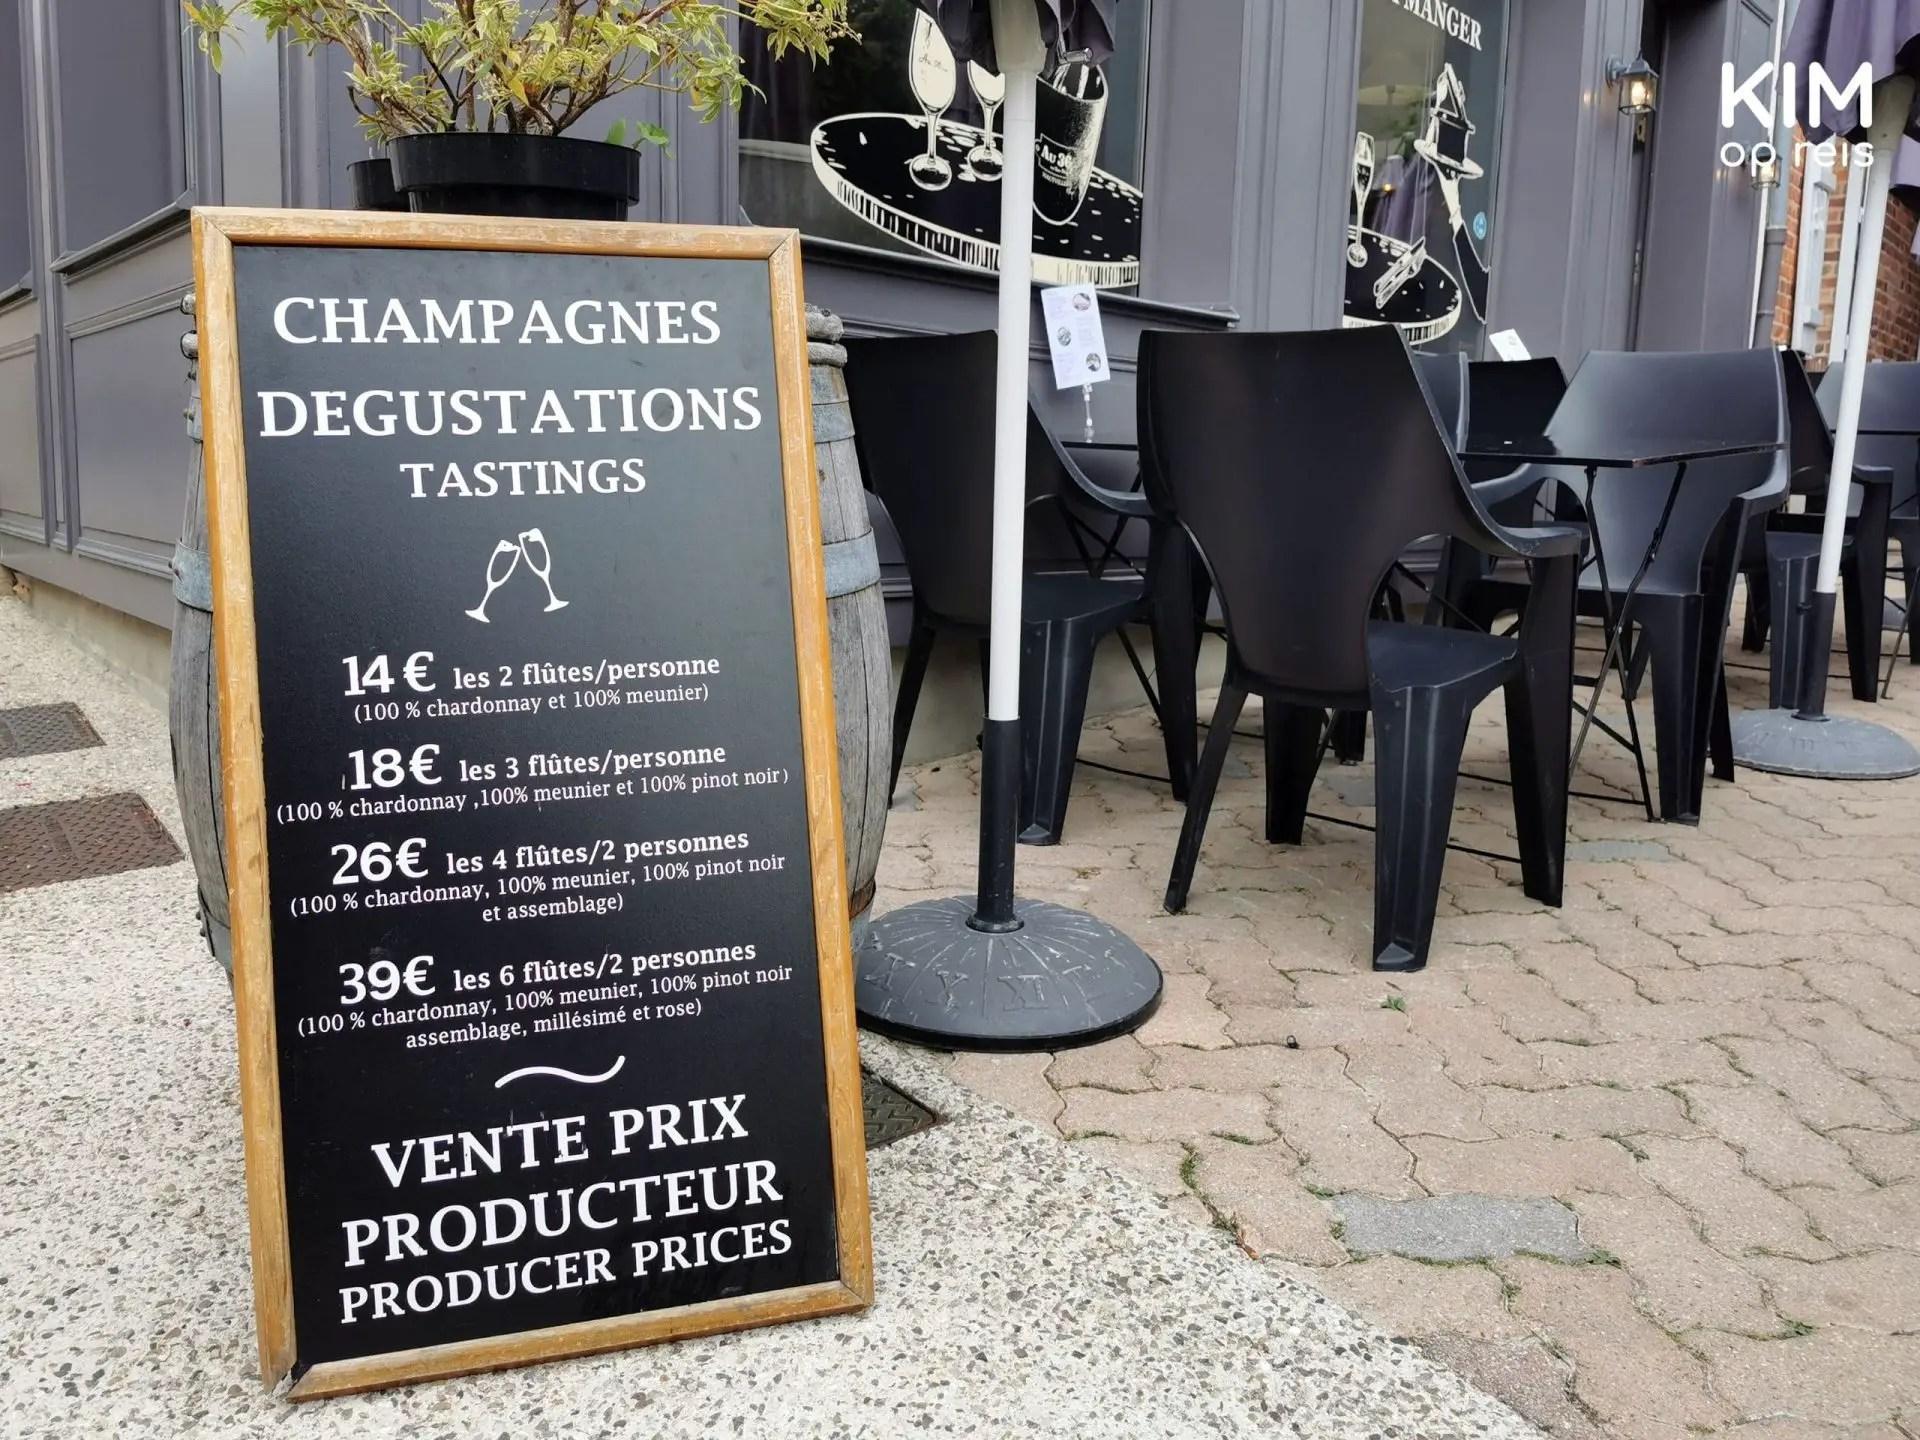 Au36 champagneproeverij: bord met prijzen van de champagneproeverijen